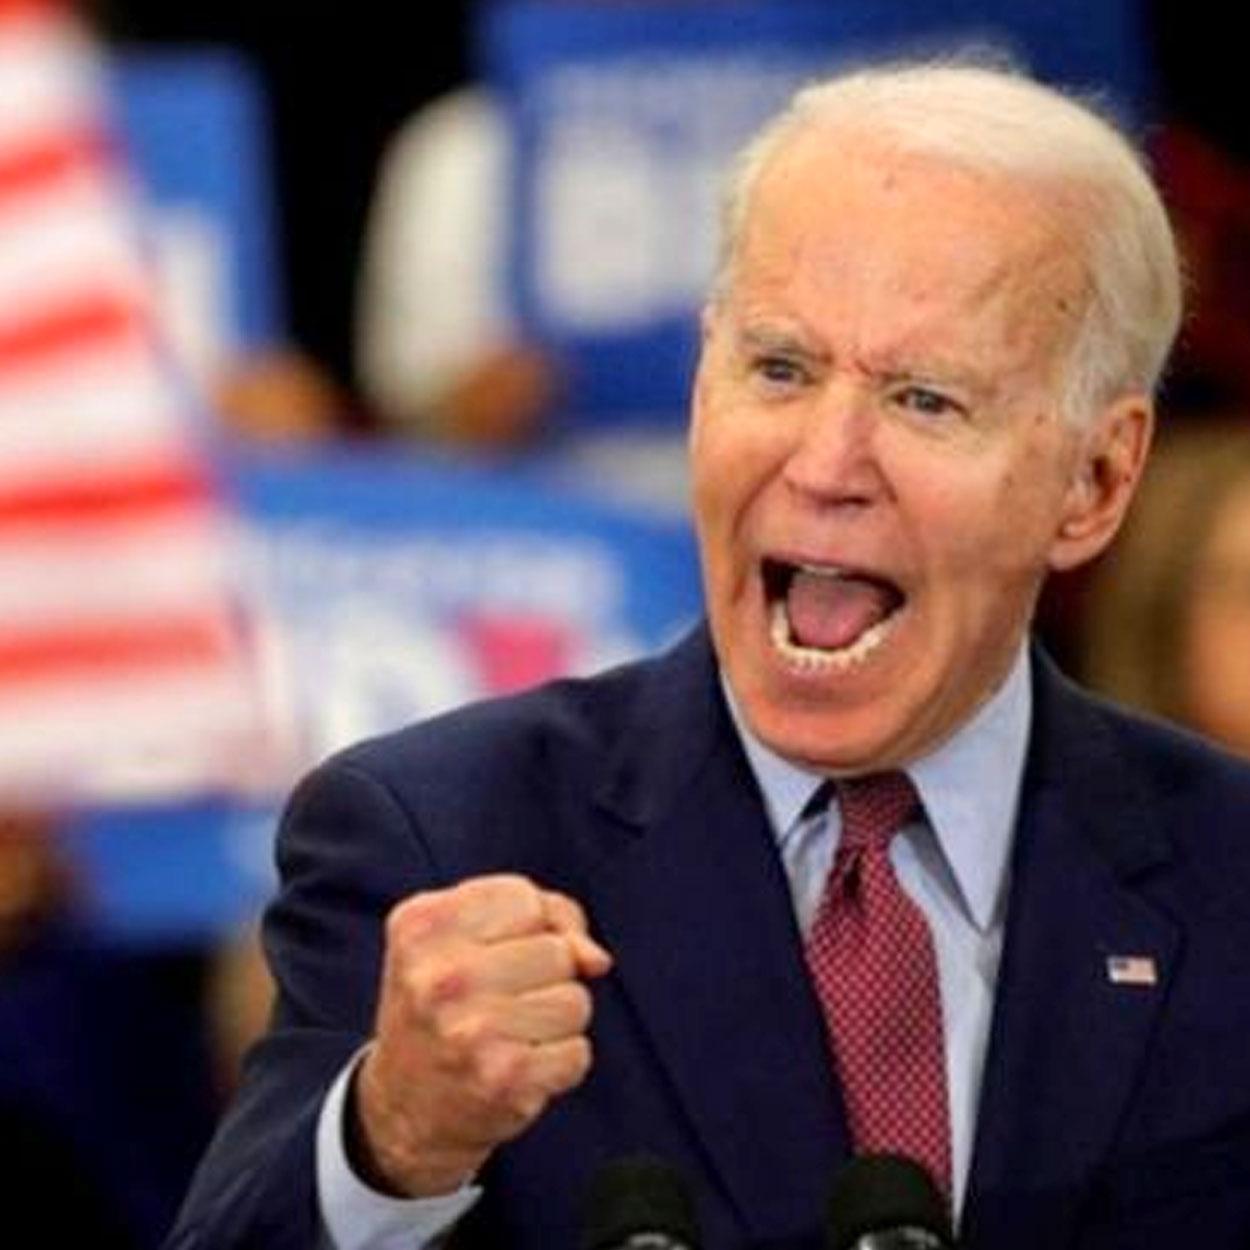 Joe Biden, el vicepresidente de Obama que ahora tiene la misión de sacar a Trump de la Casa BlancaPeter Ball BBC World Service